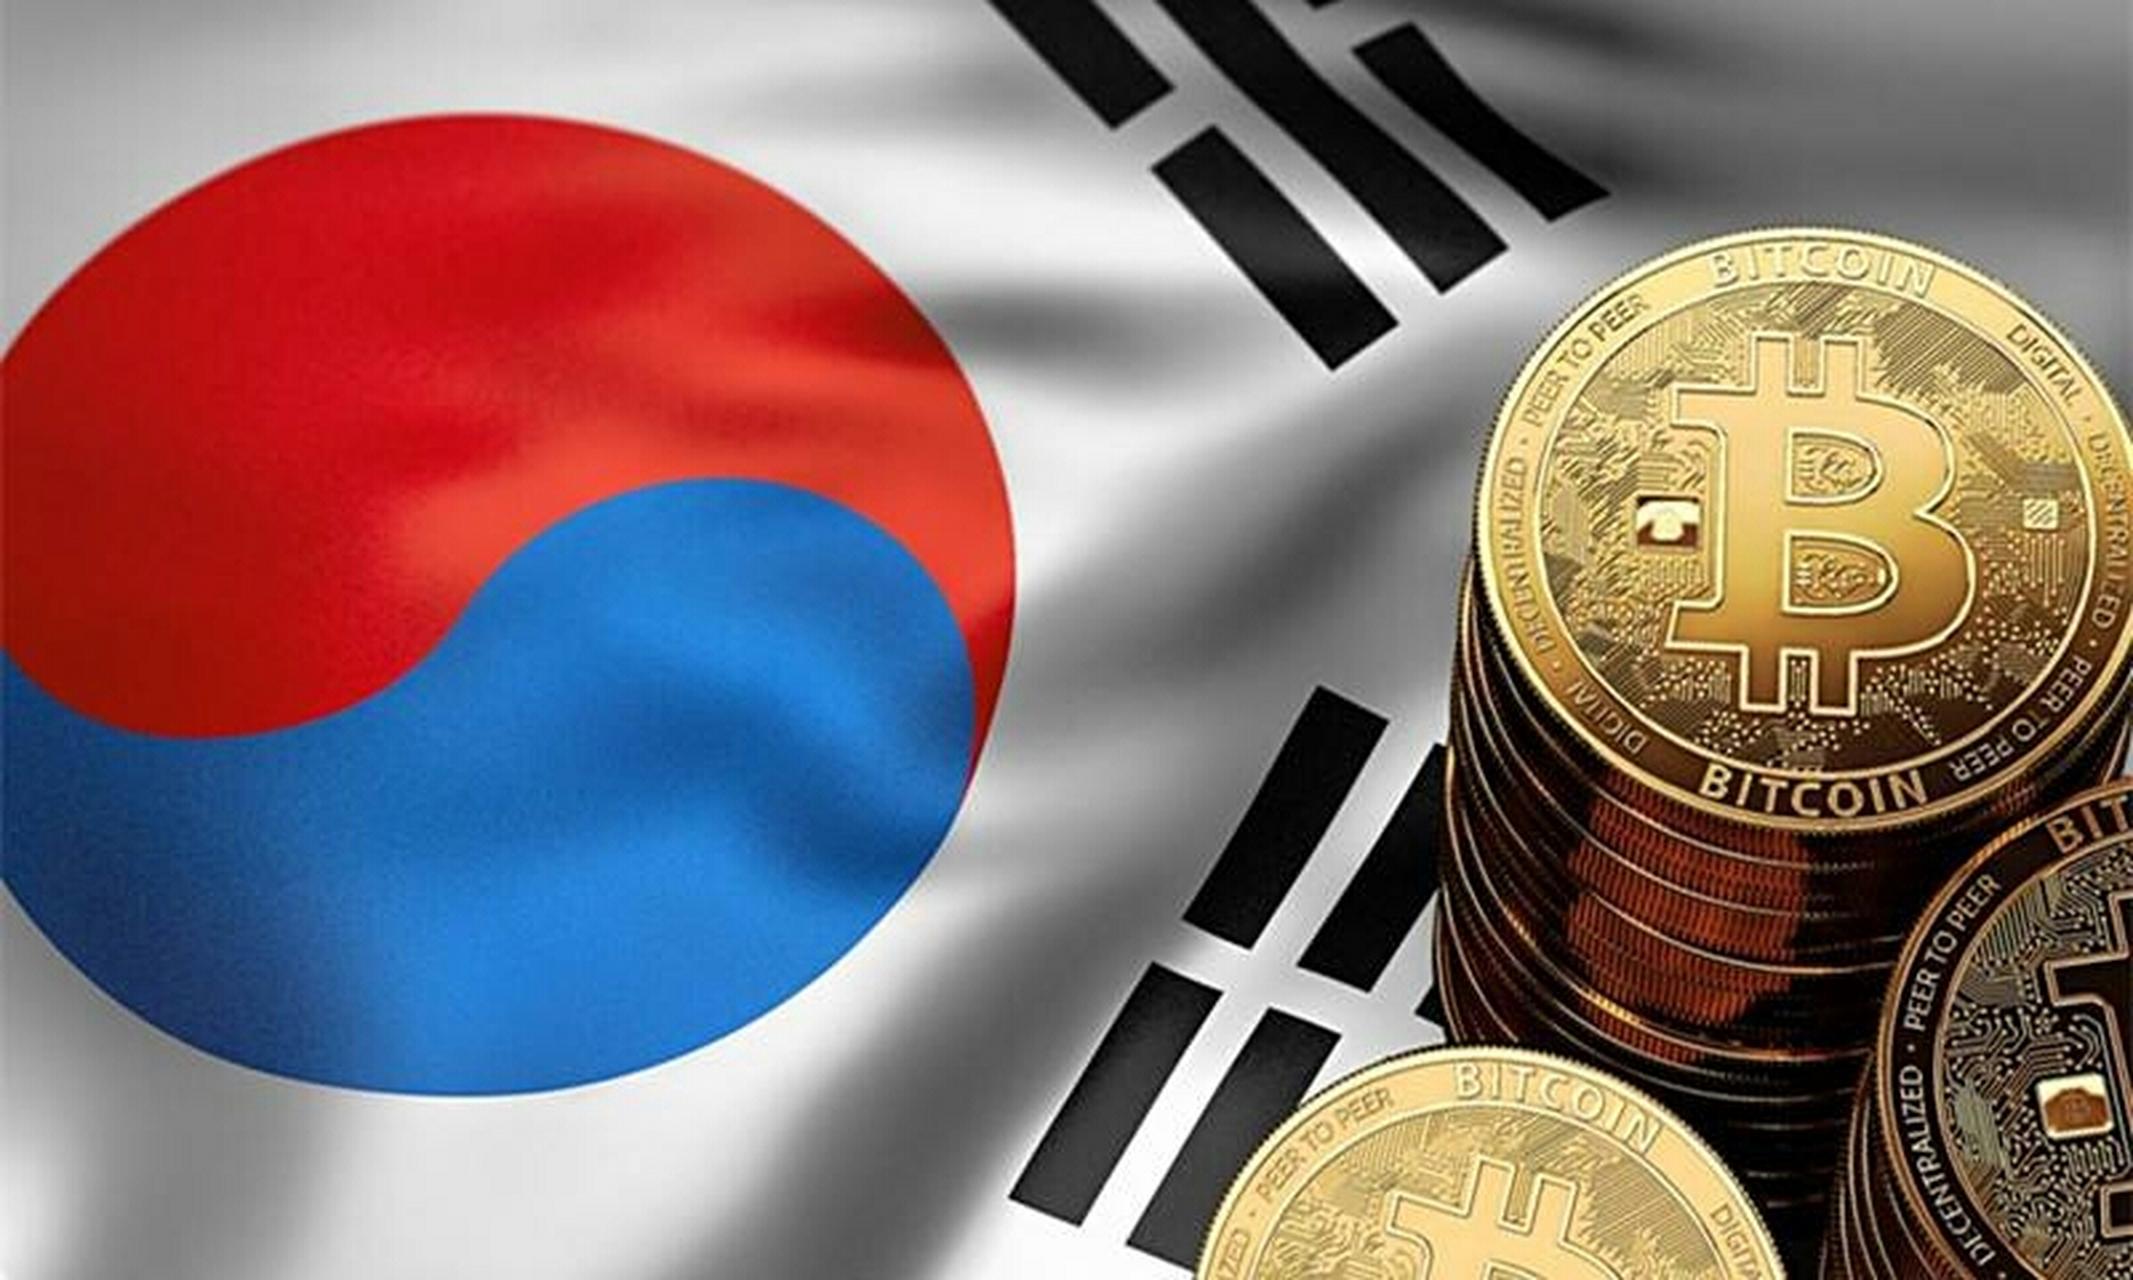 韩联社最新消息, 韩国互联网振兴院(KISA)称,韩国政府计划将区块链公共示范项目的